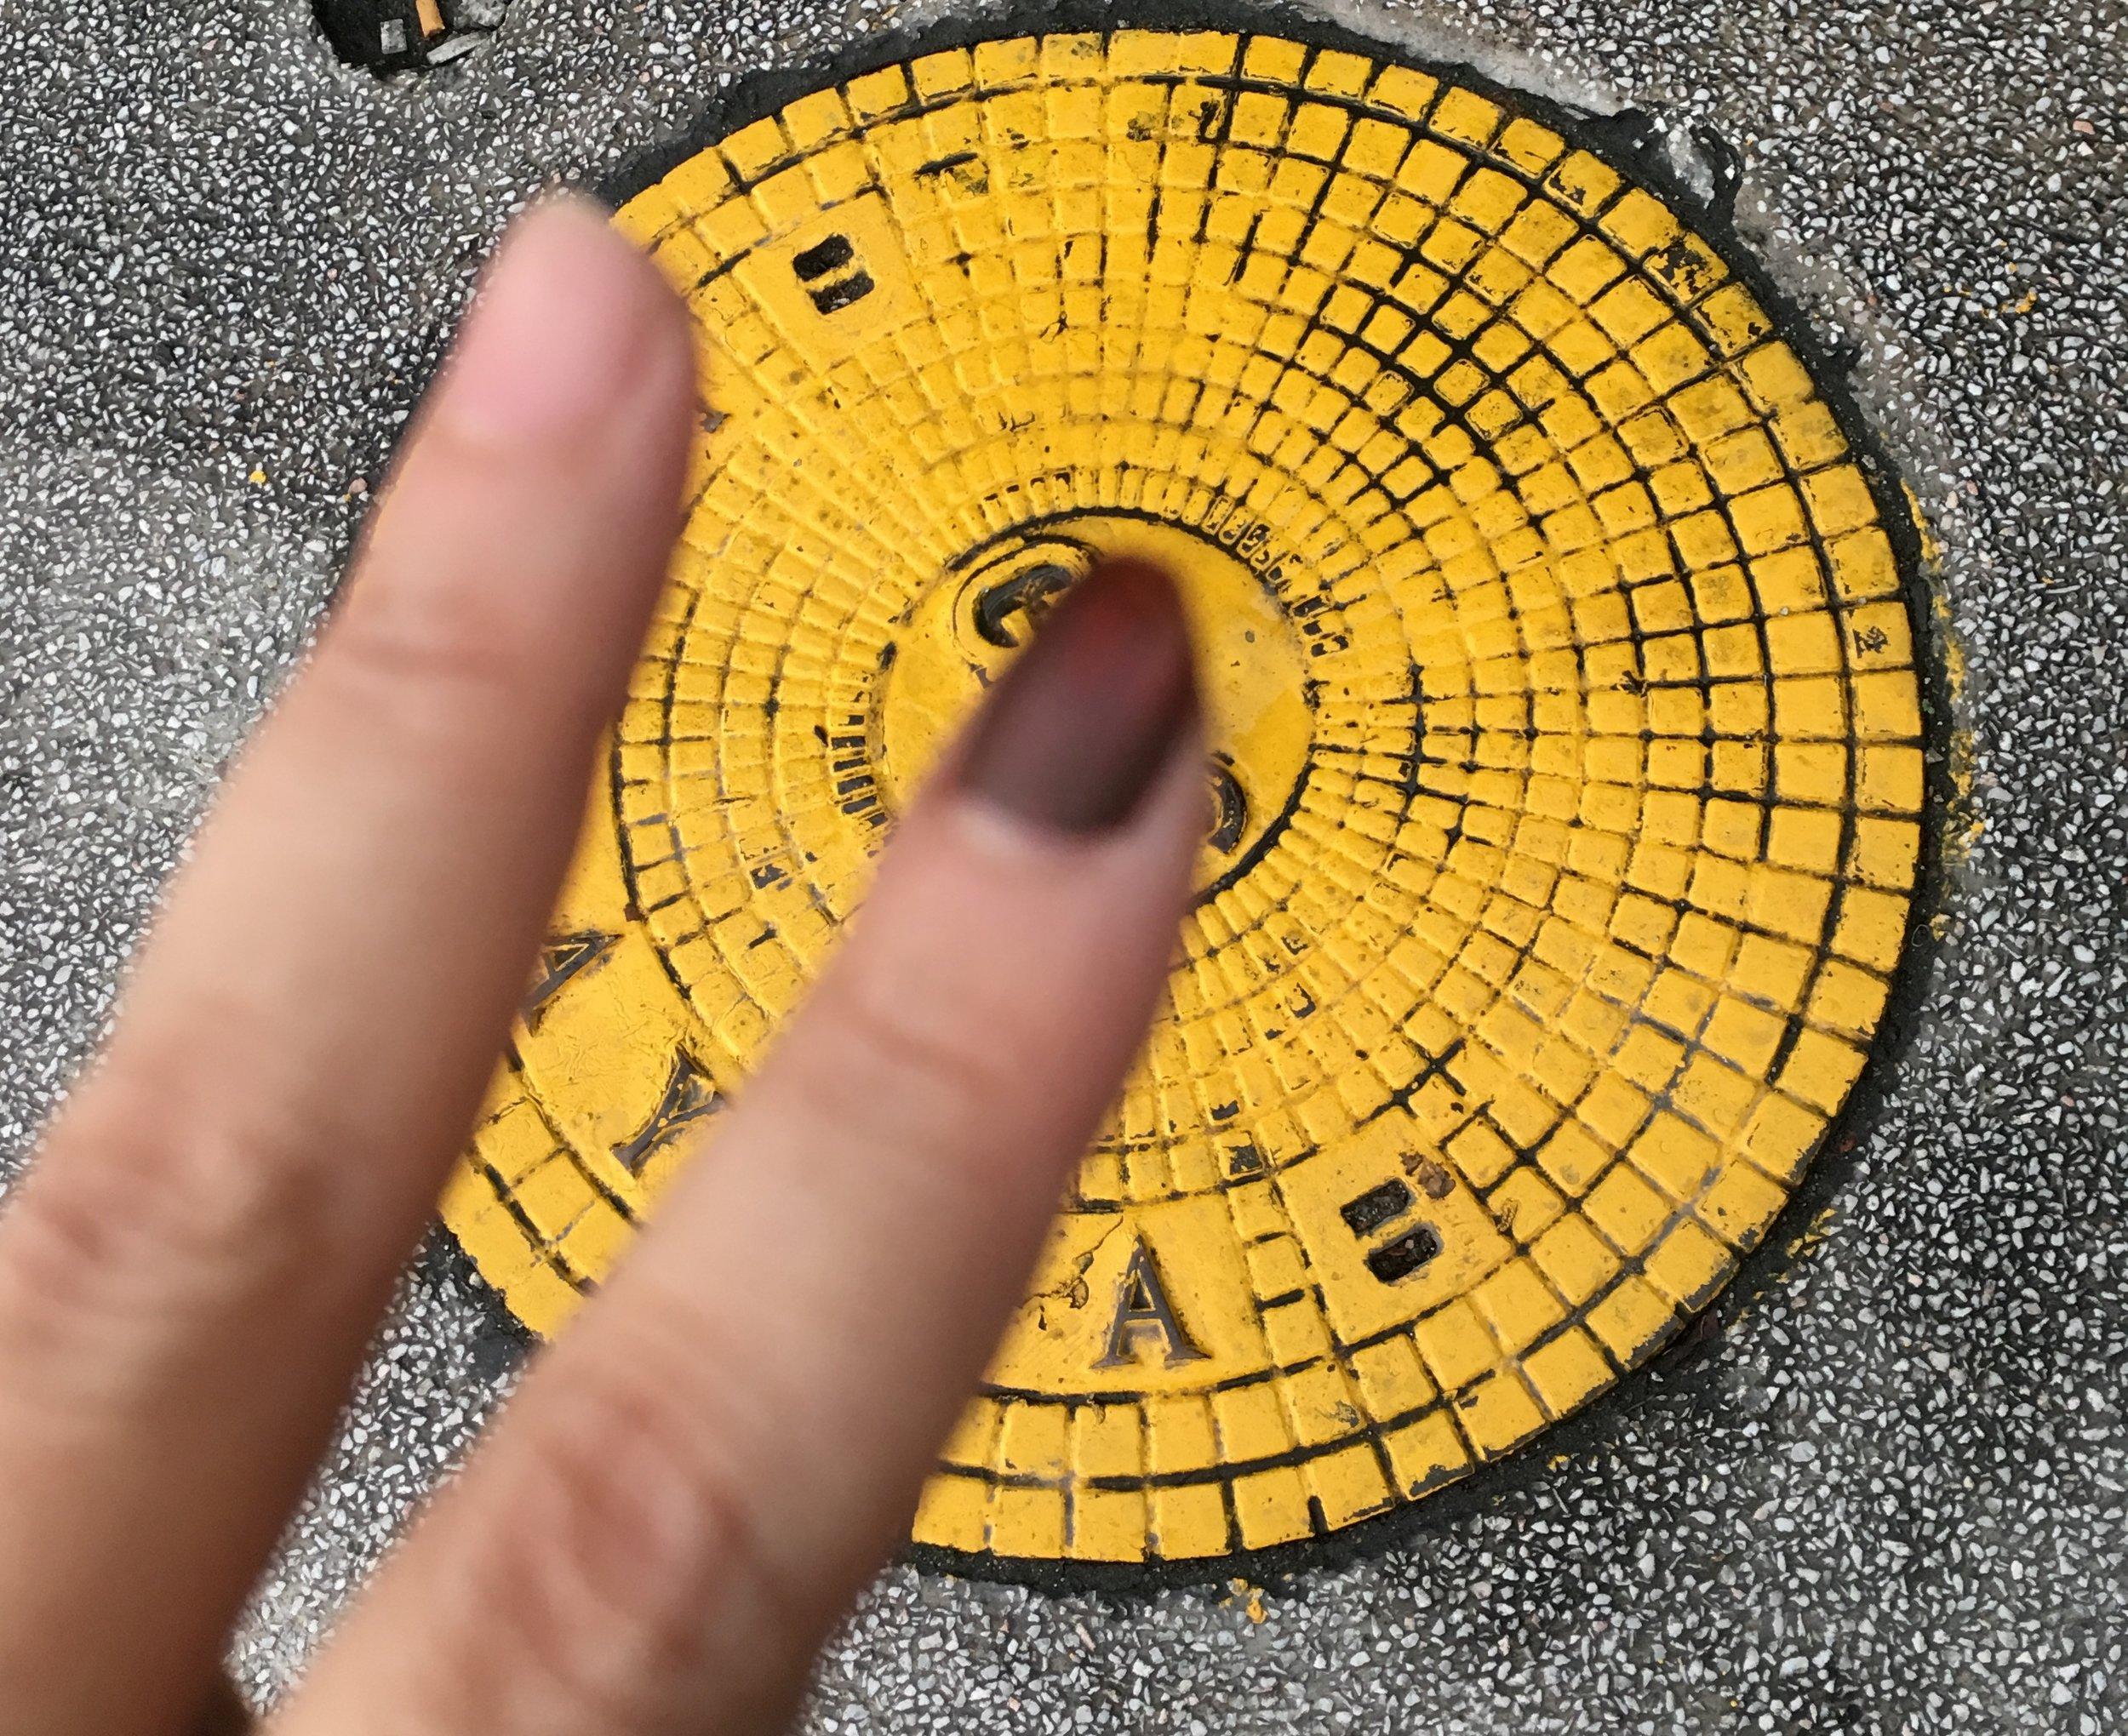 Post GE14 nail polish.